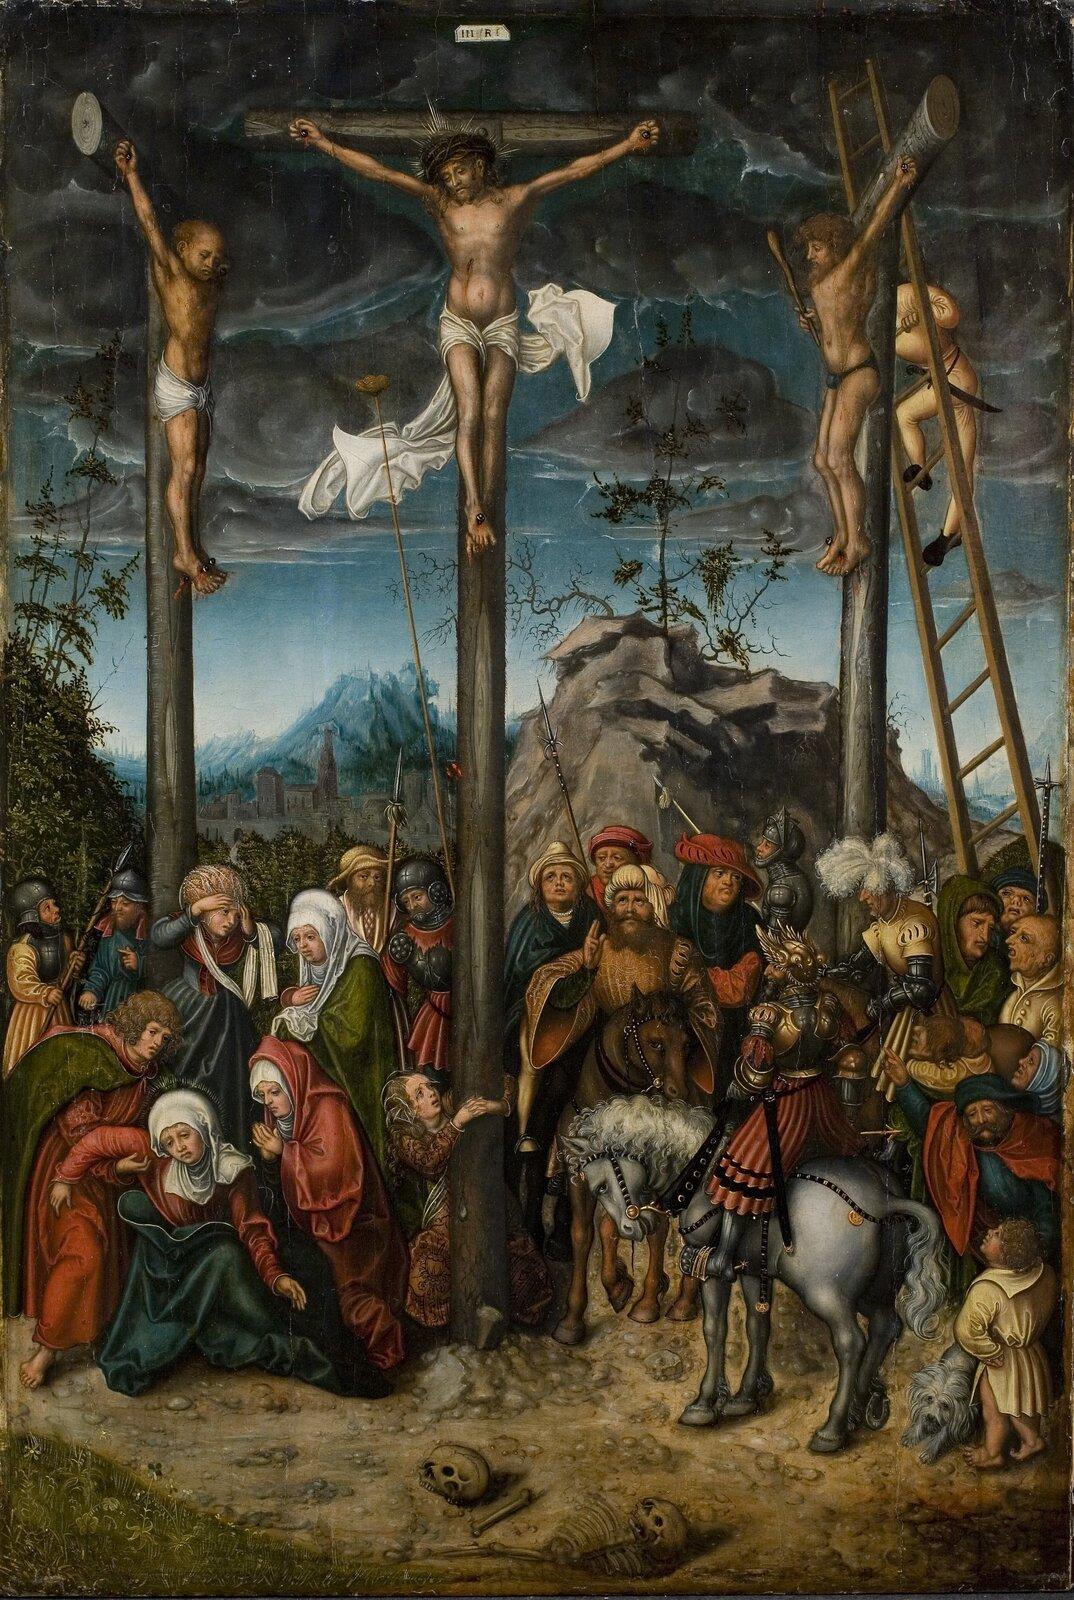 Ukrzyżowanie Źródło: Lucas Cranach starszy, Ukrzyżowanie, ok. 1505–1520, olej na desce, domena publiczna.